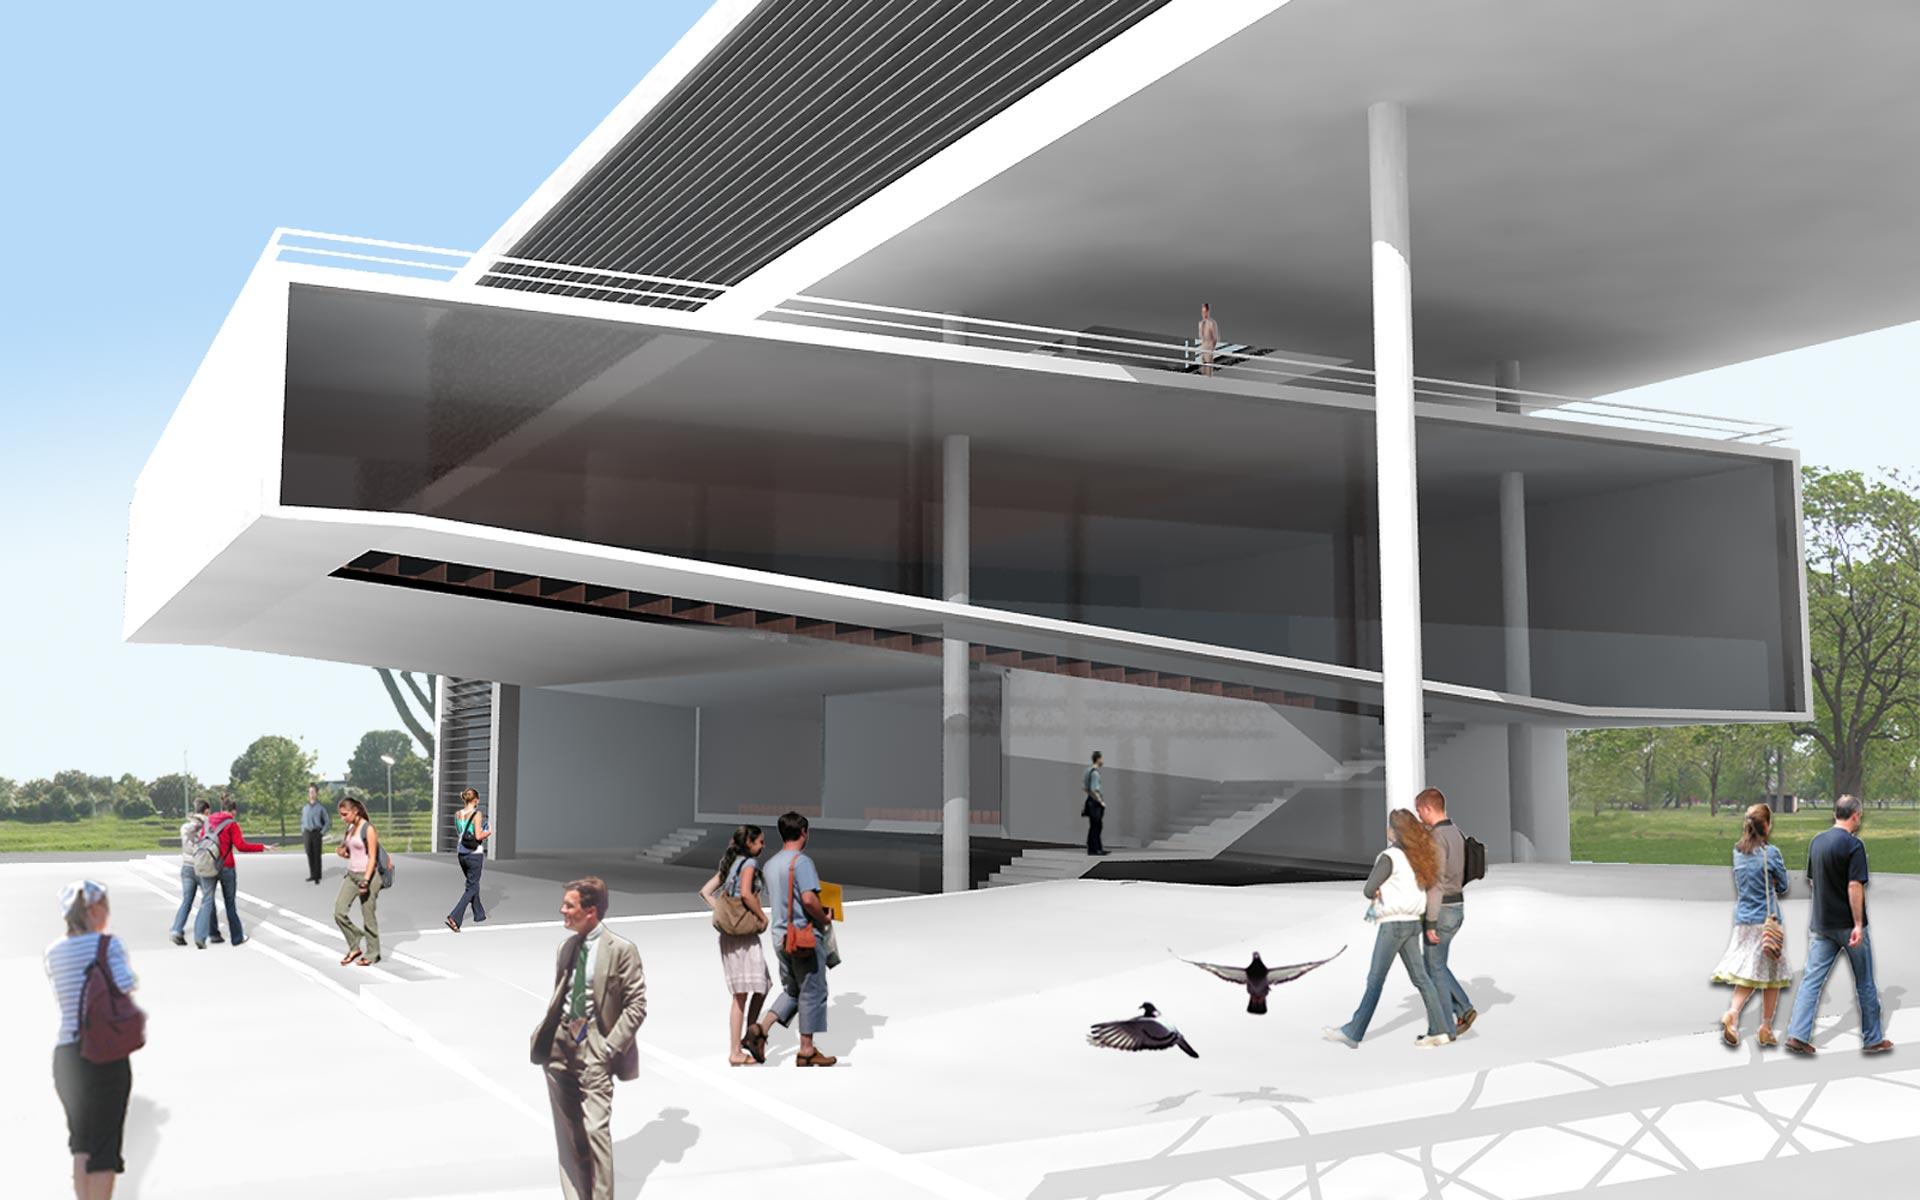 Concurso de arquitetura e paisagismo acesso praça e auditório flutuante no Ministério da Ciência e Tecnologia em Palermo